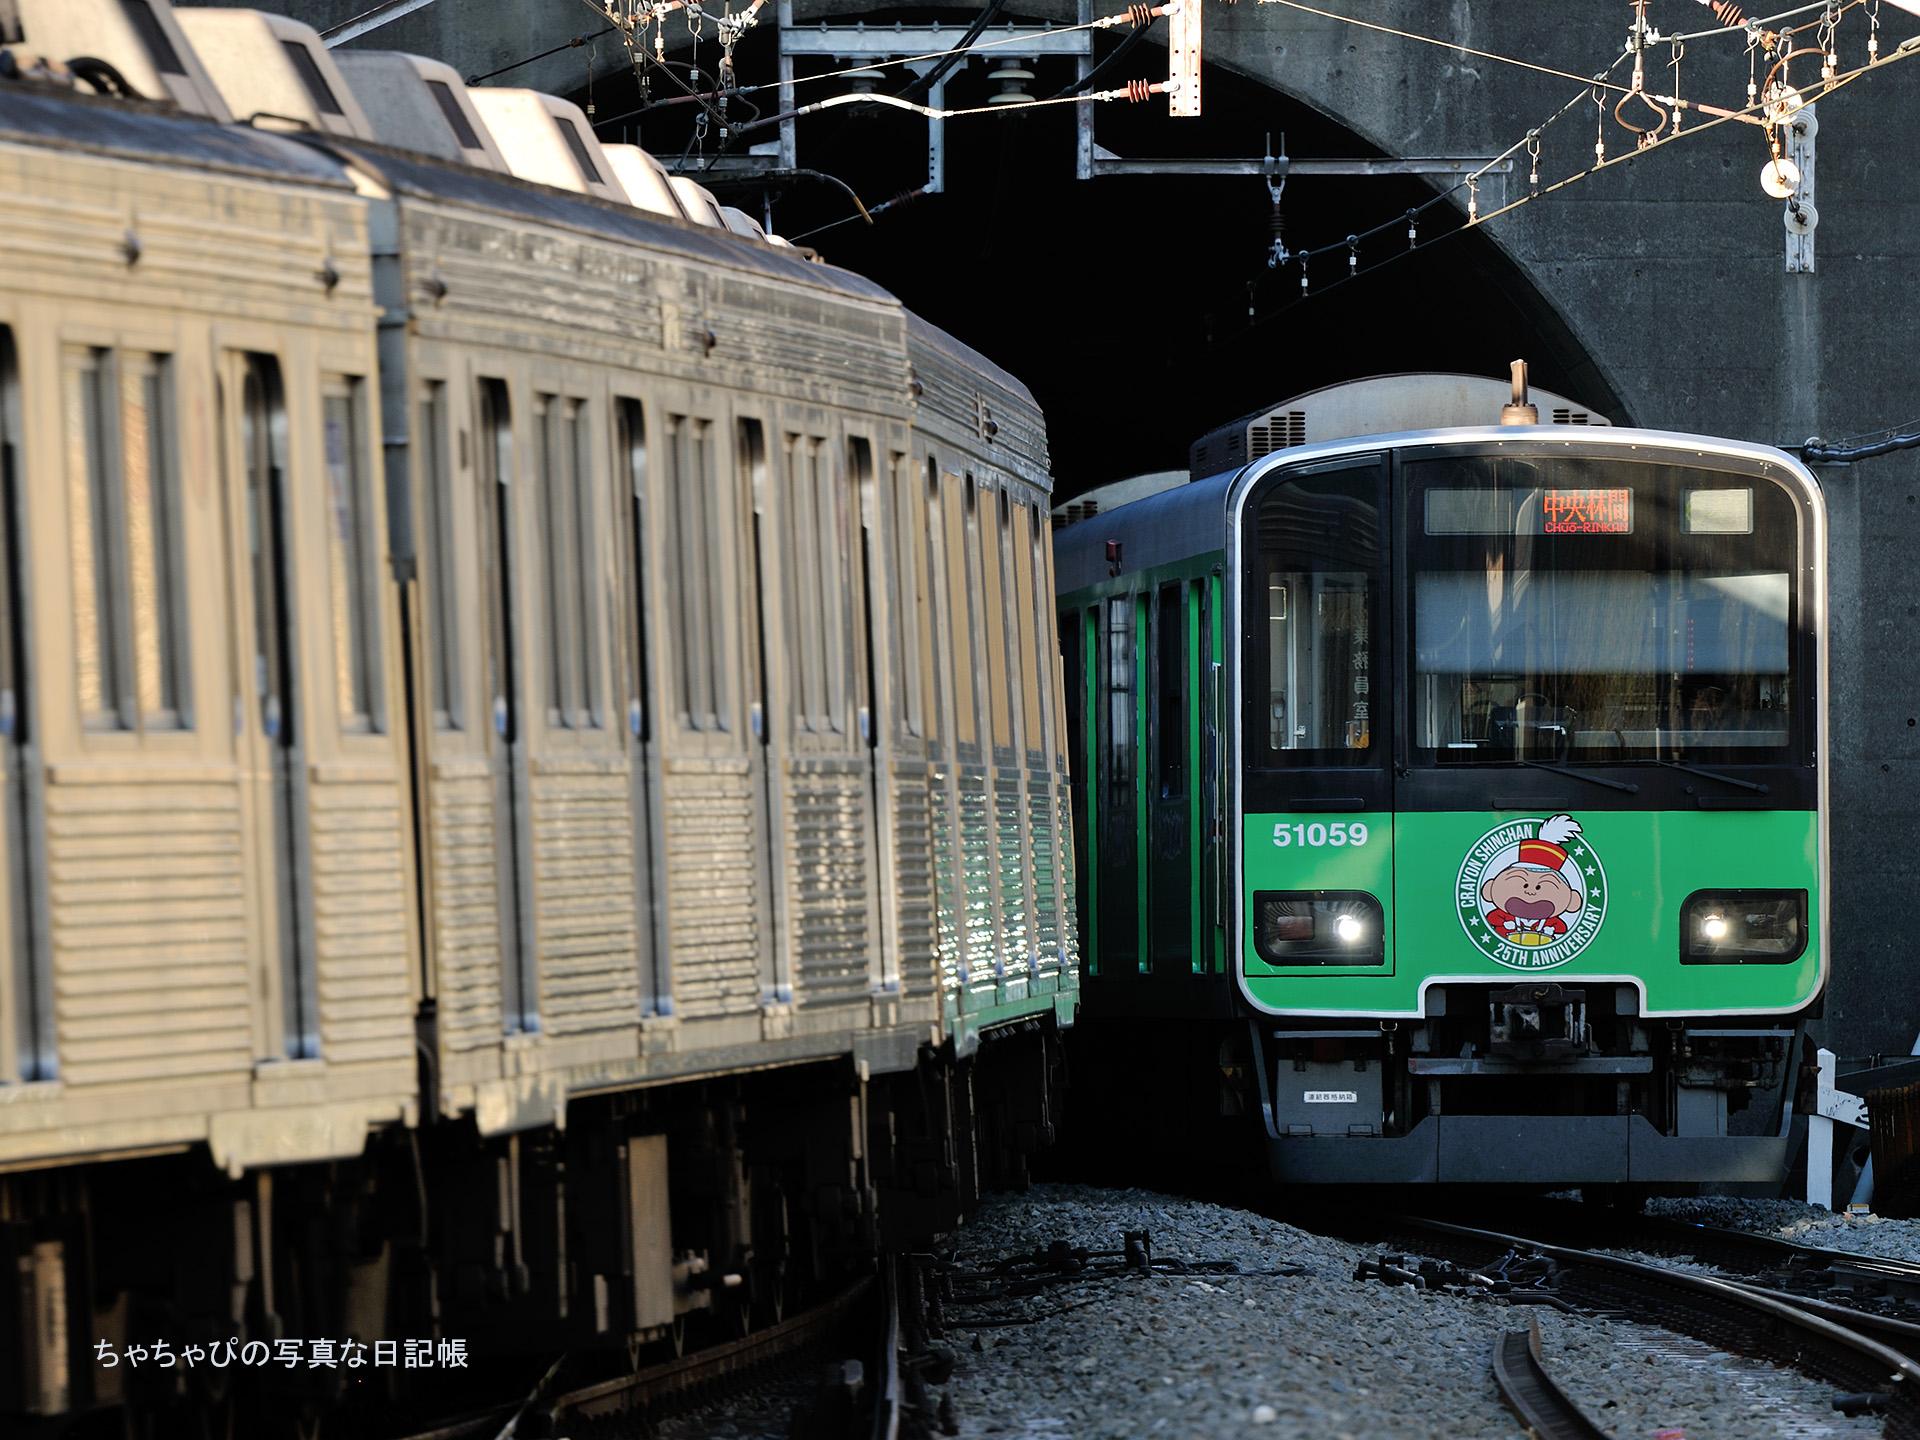 東急田園都市線 梶が谷駅 東武50050系 -84ゥ 51059編成-